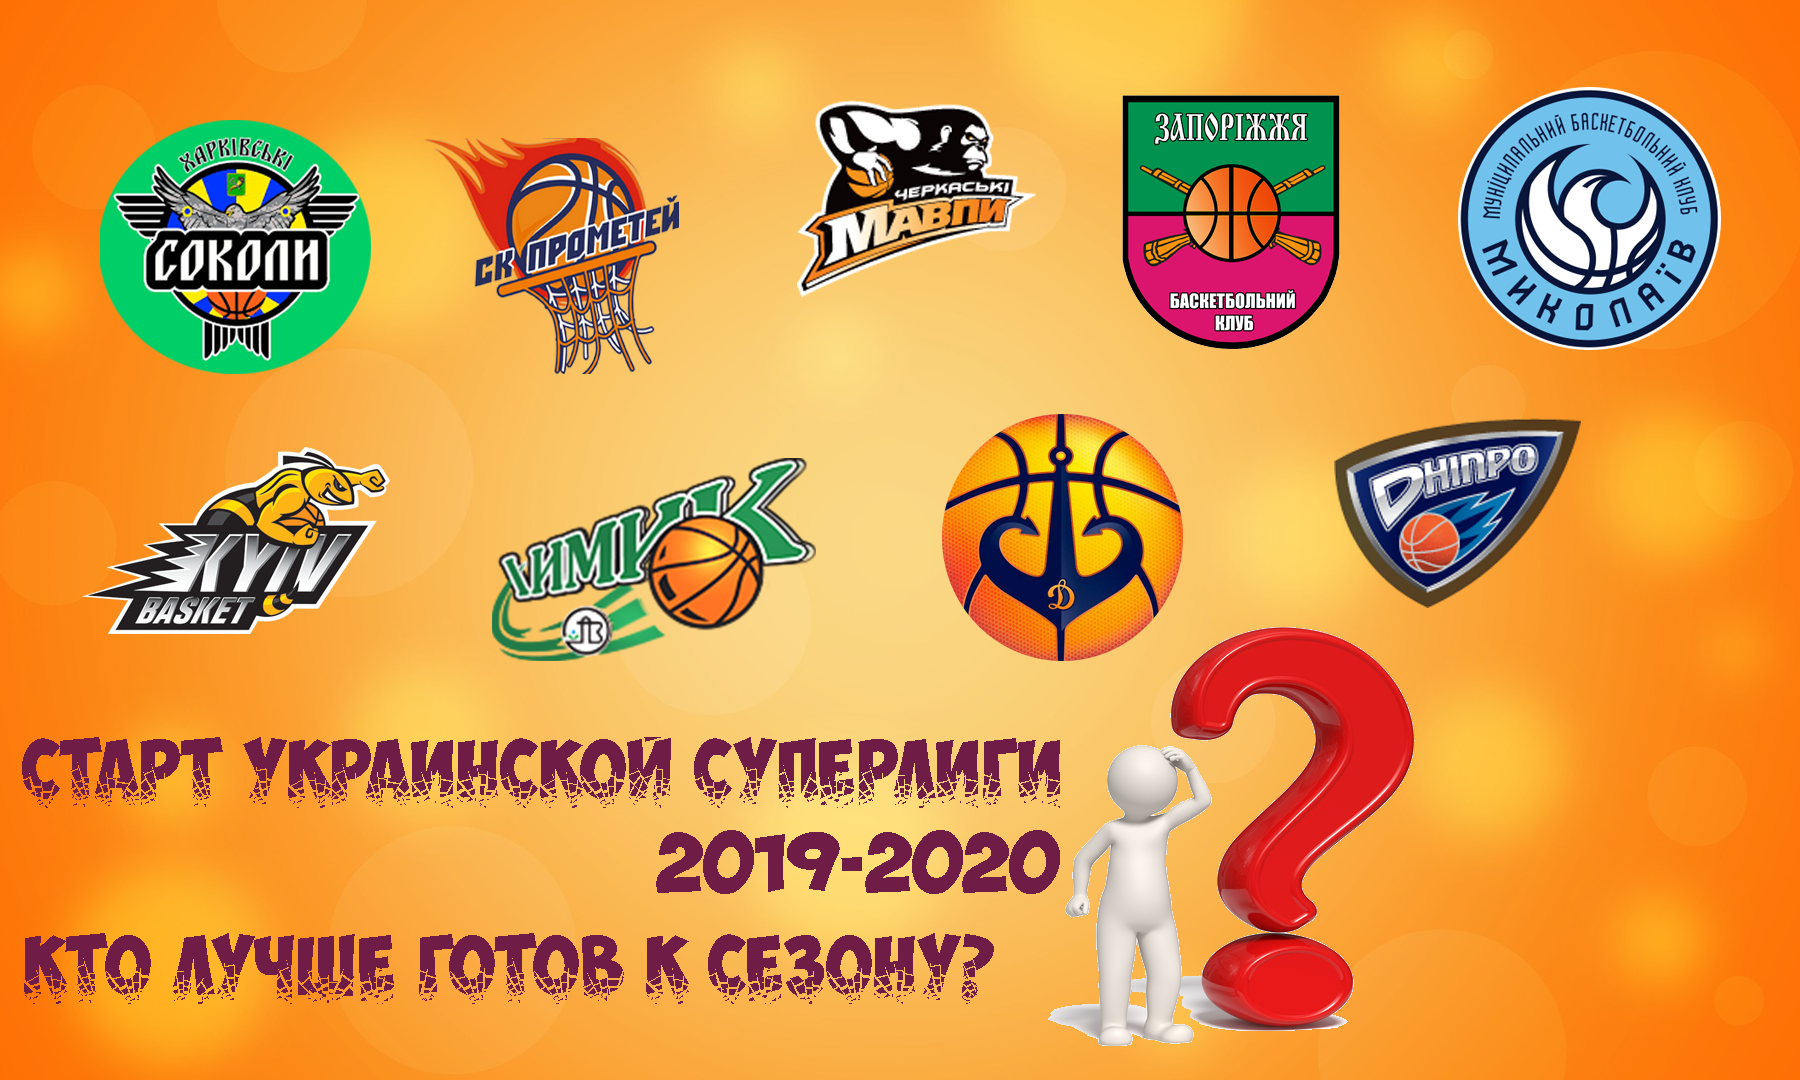 Старт баскетбольного сезона в Украине! Все что нужно знать! За какую команду сыграет сын Коломойского?